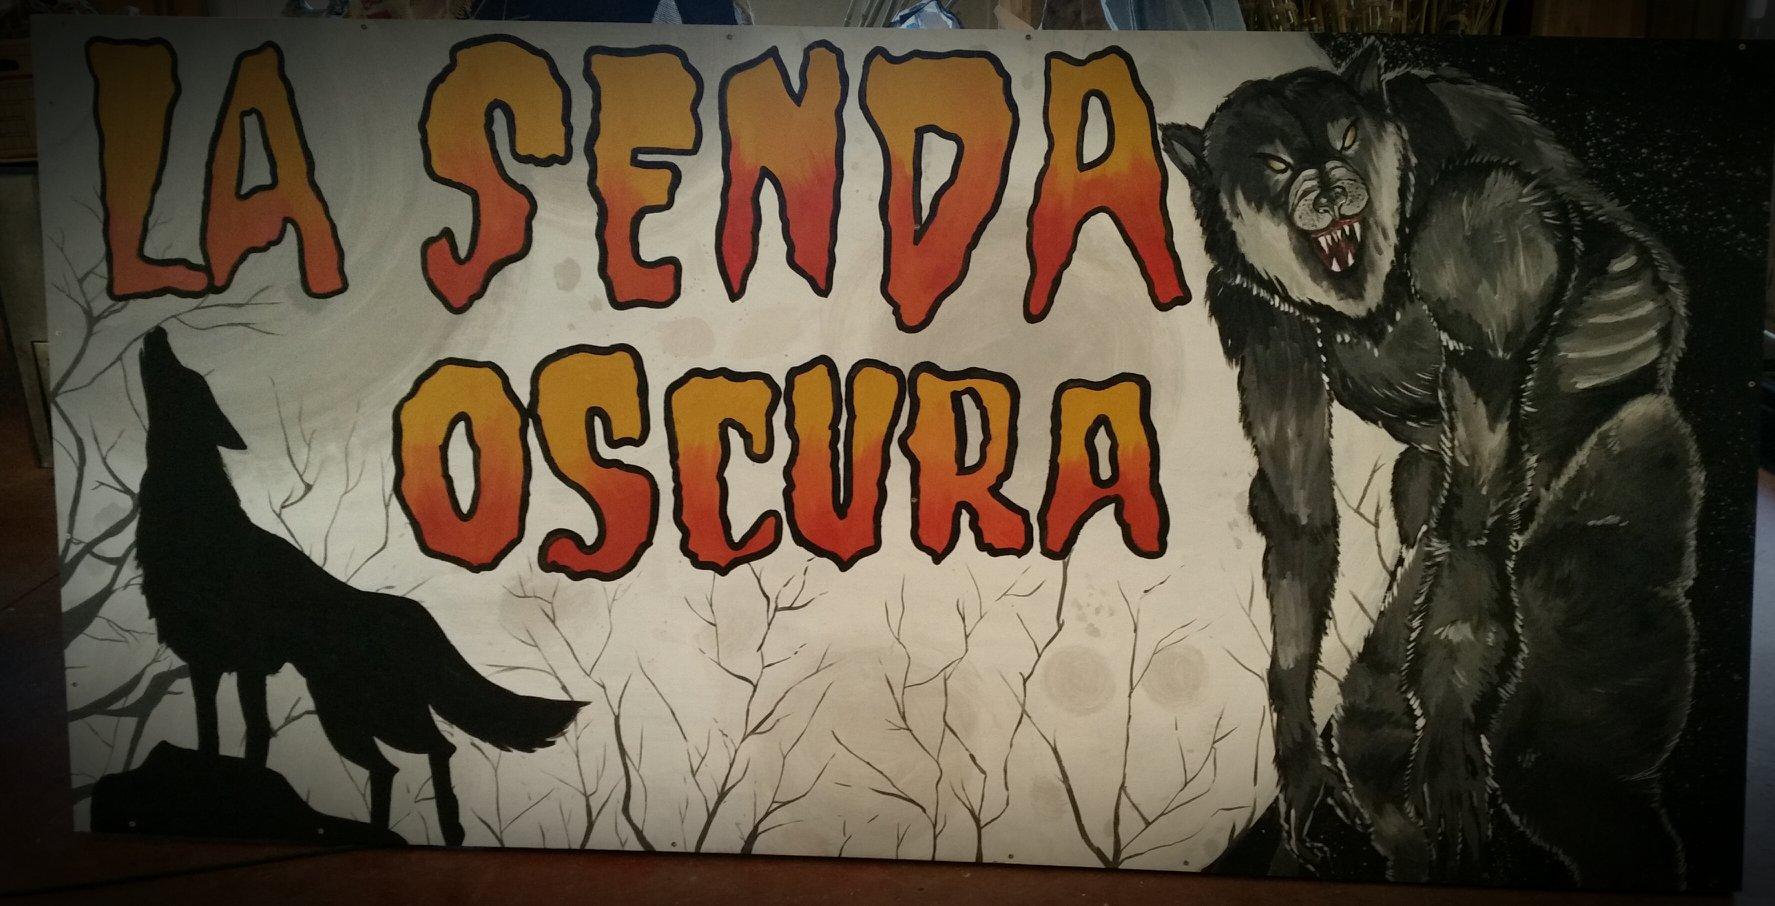 La Asociación Millares de Narayola organiza para Halloween 'La Senda Oscura' un aterrador recorrido por el bosque y el cementerio 1